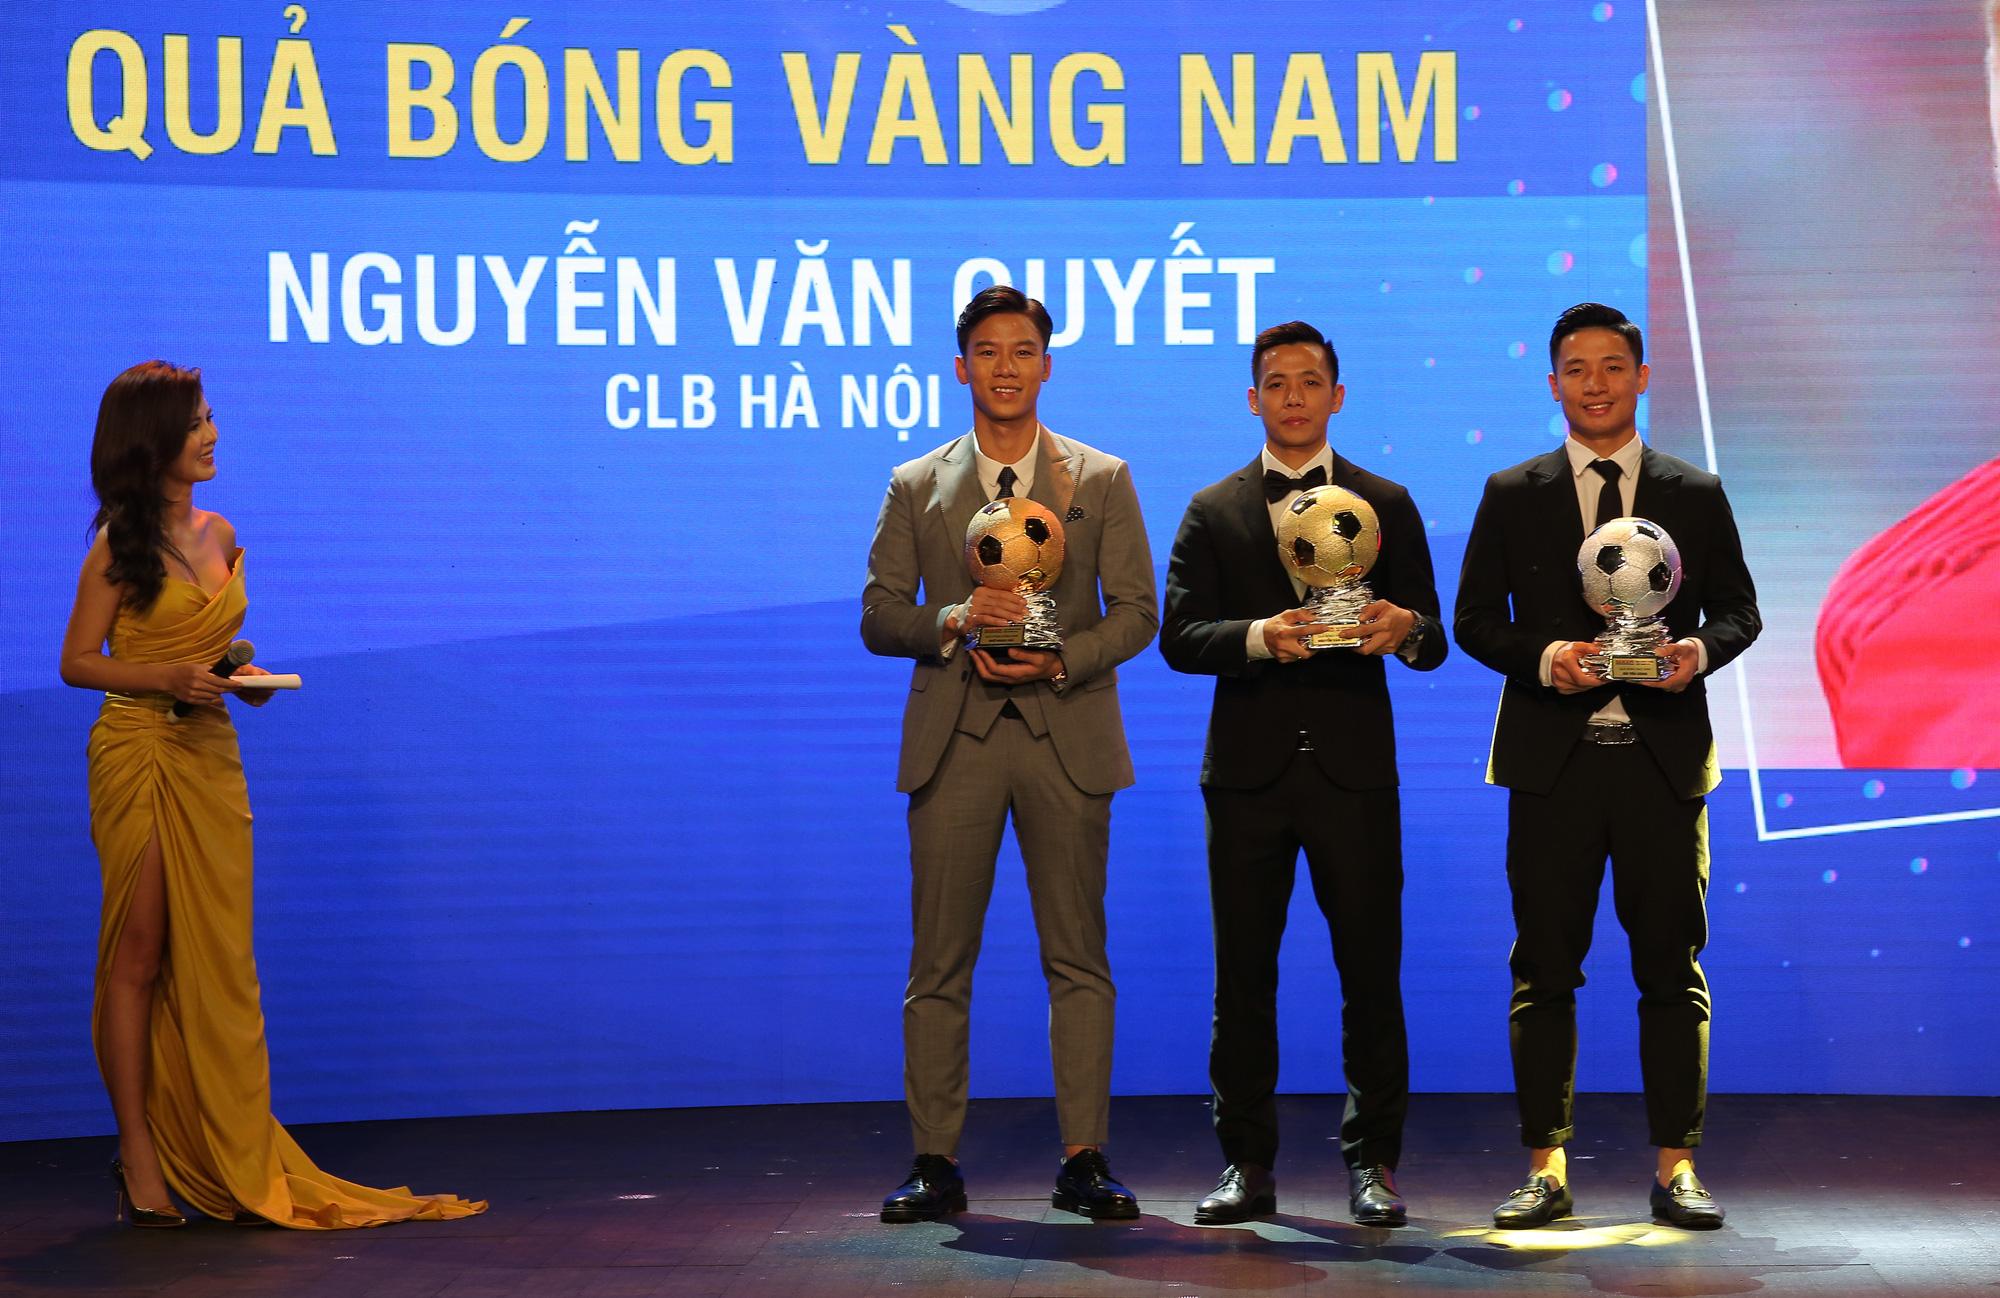 Văn Quyết nói gì khi giành Quả bóng vàng Việt Nam 2020? - Ảnh 2.